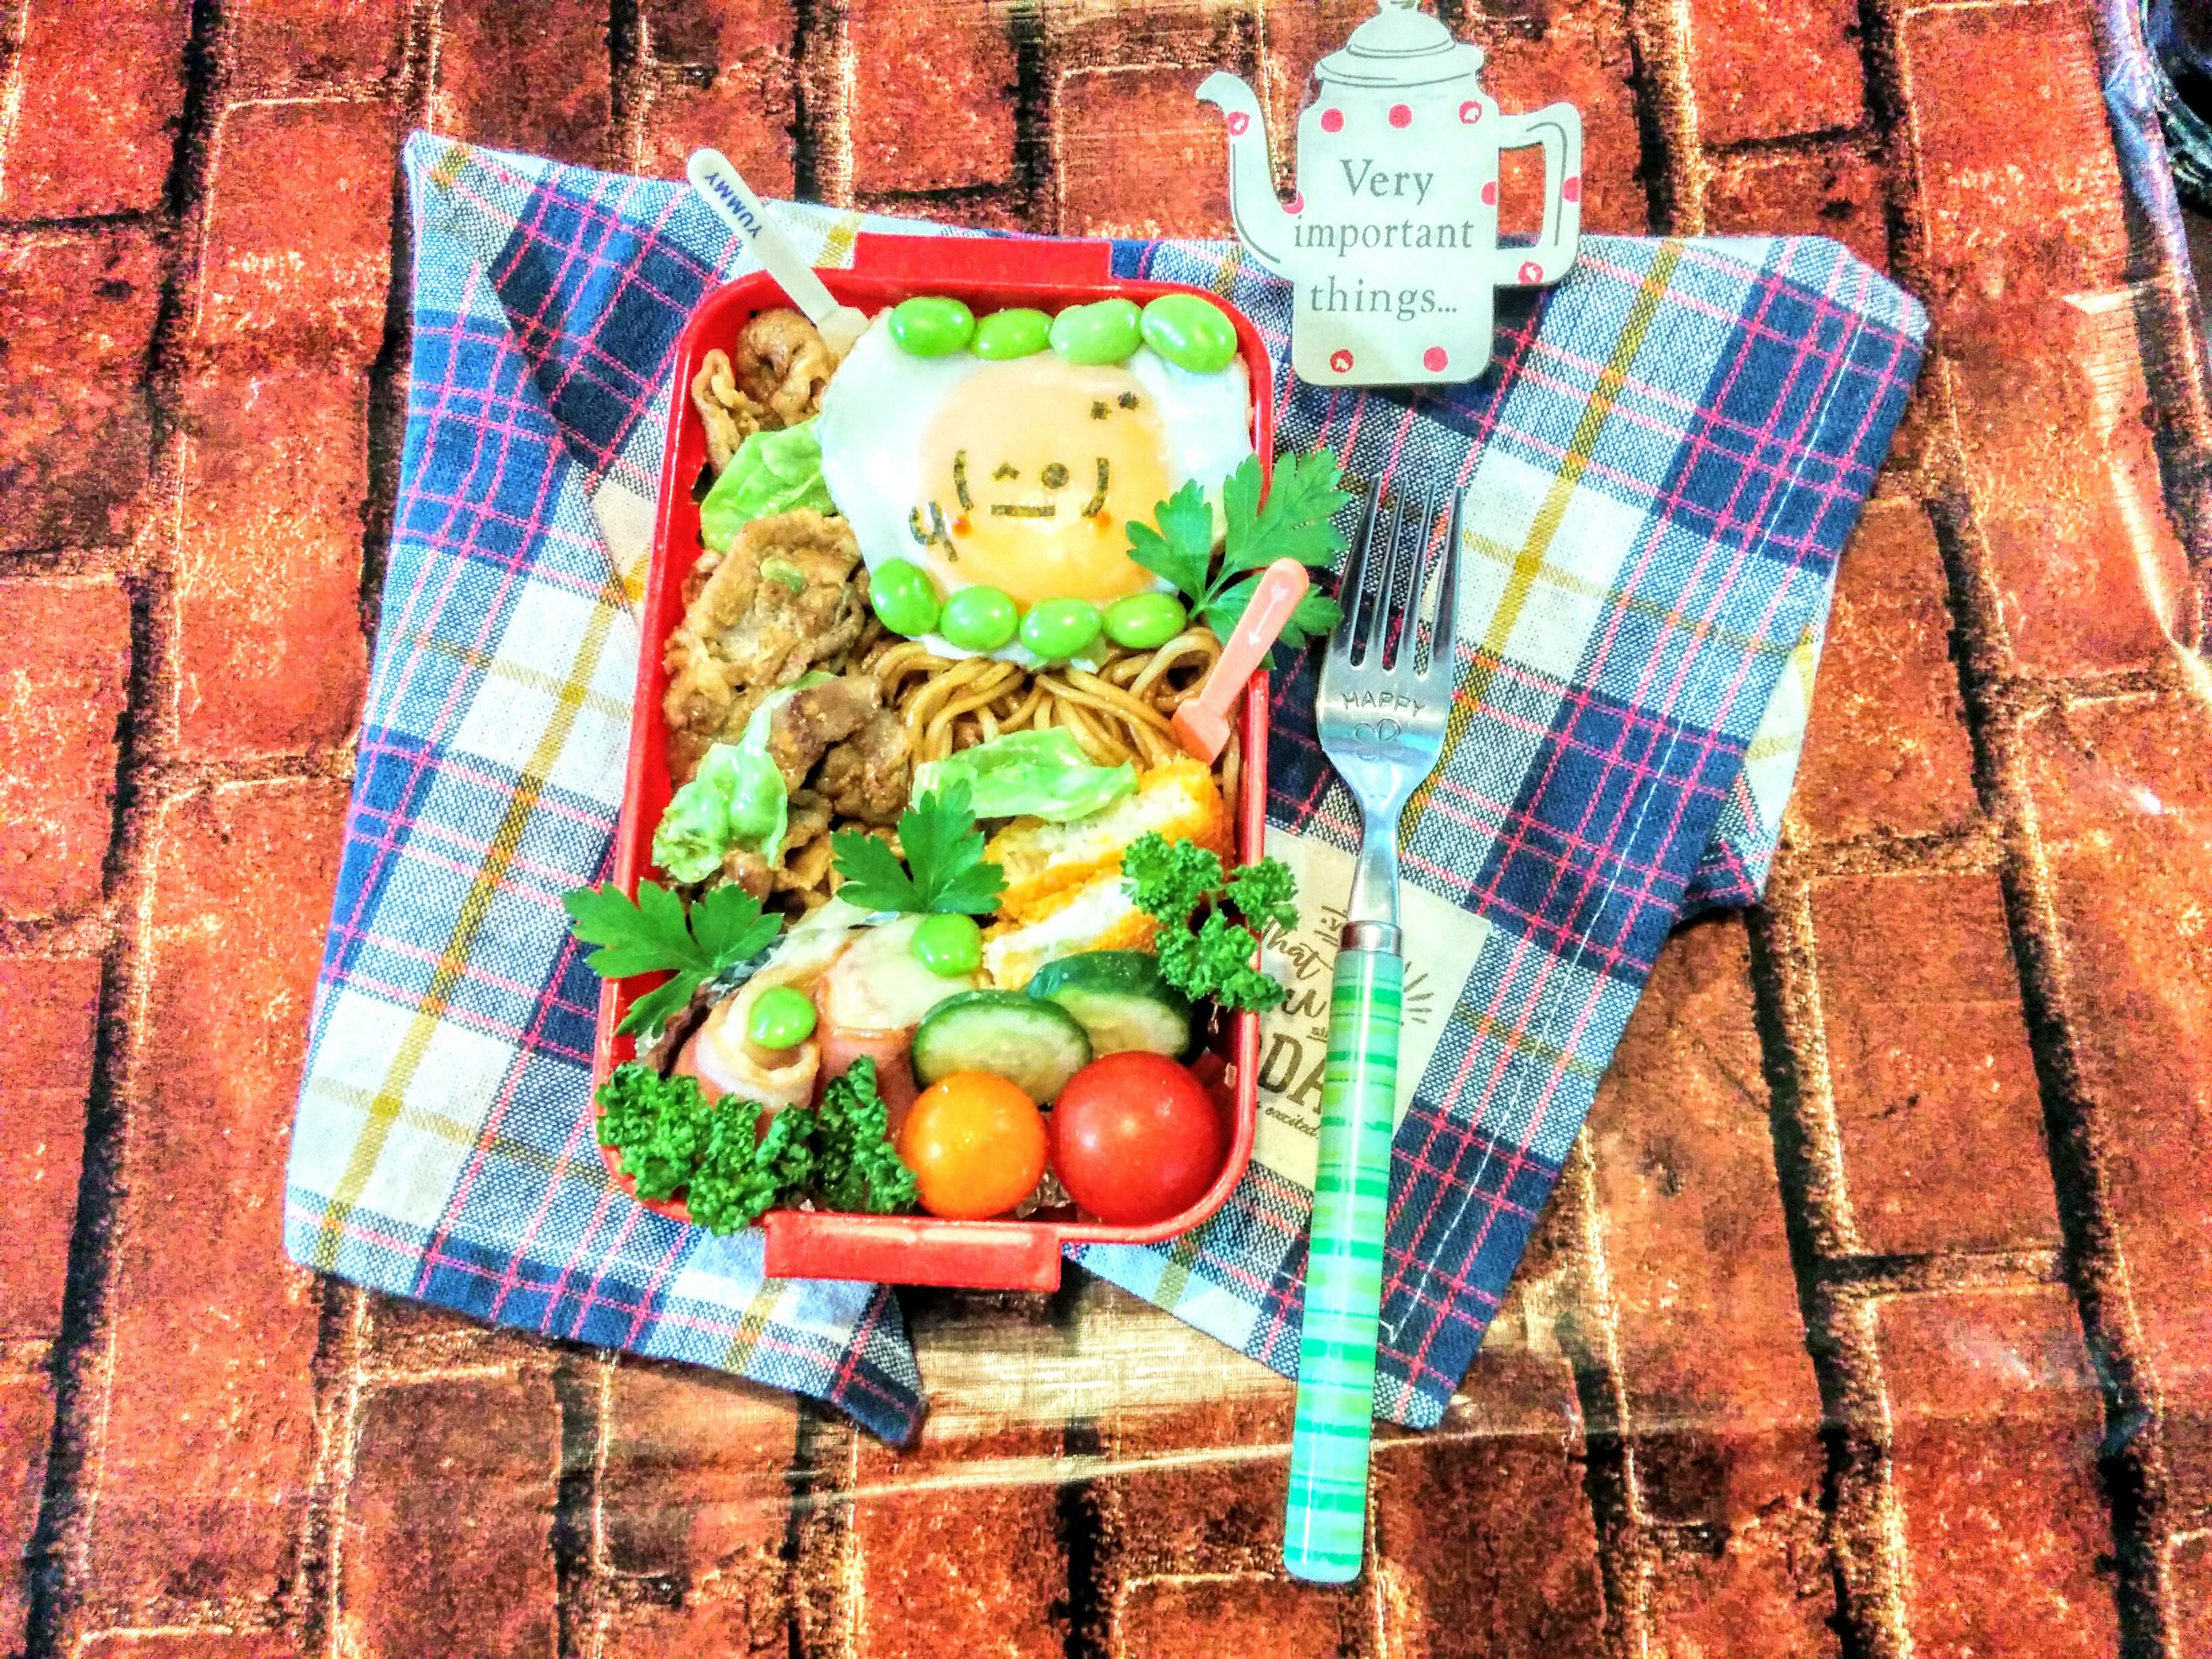 【小樽】娘の今日のお弁当・焼きそば弁当グルメ案内です。